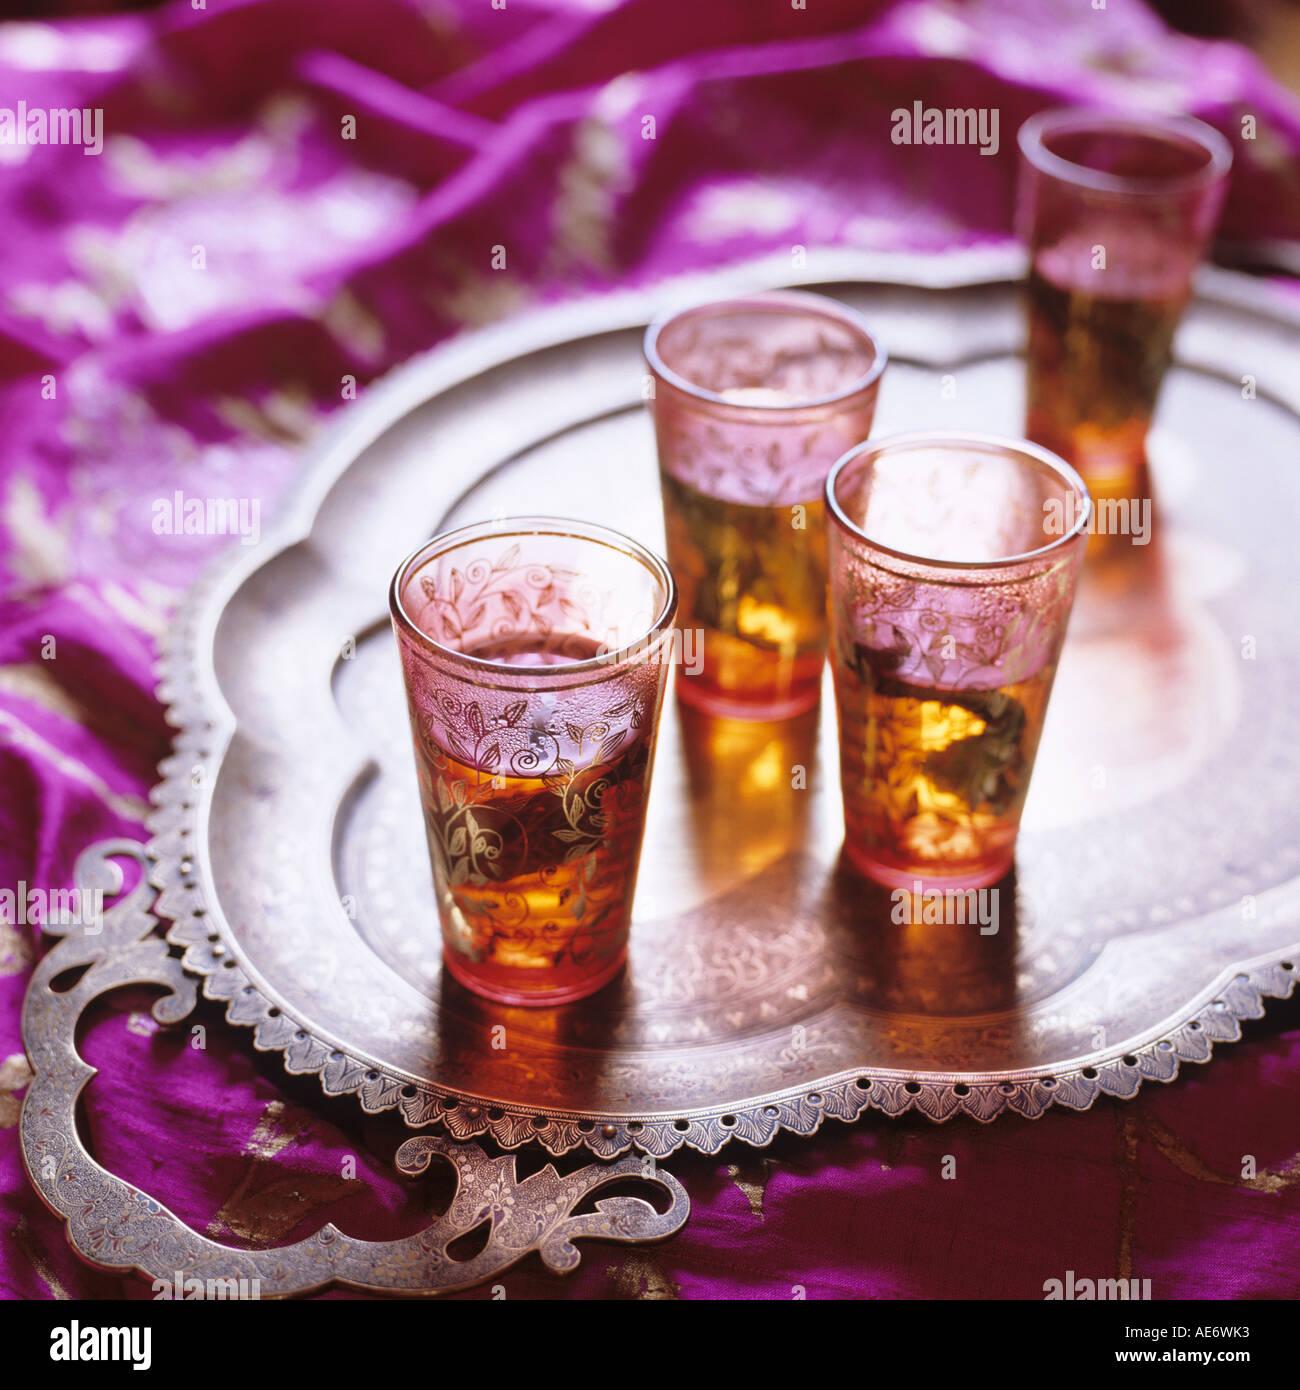 Middle Eastern petits verres avec du thé à la menthe sur un plateau Photo Stock